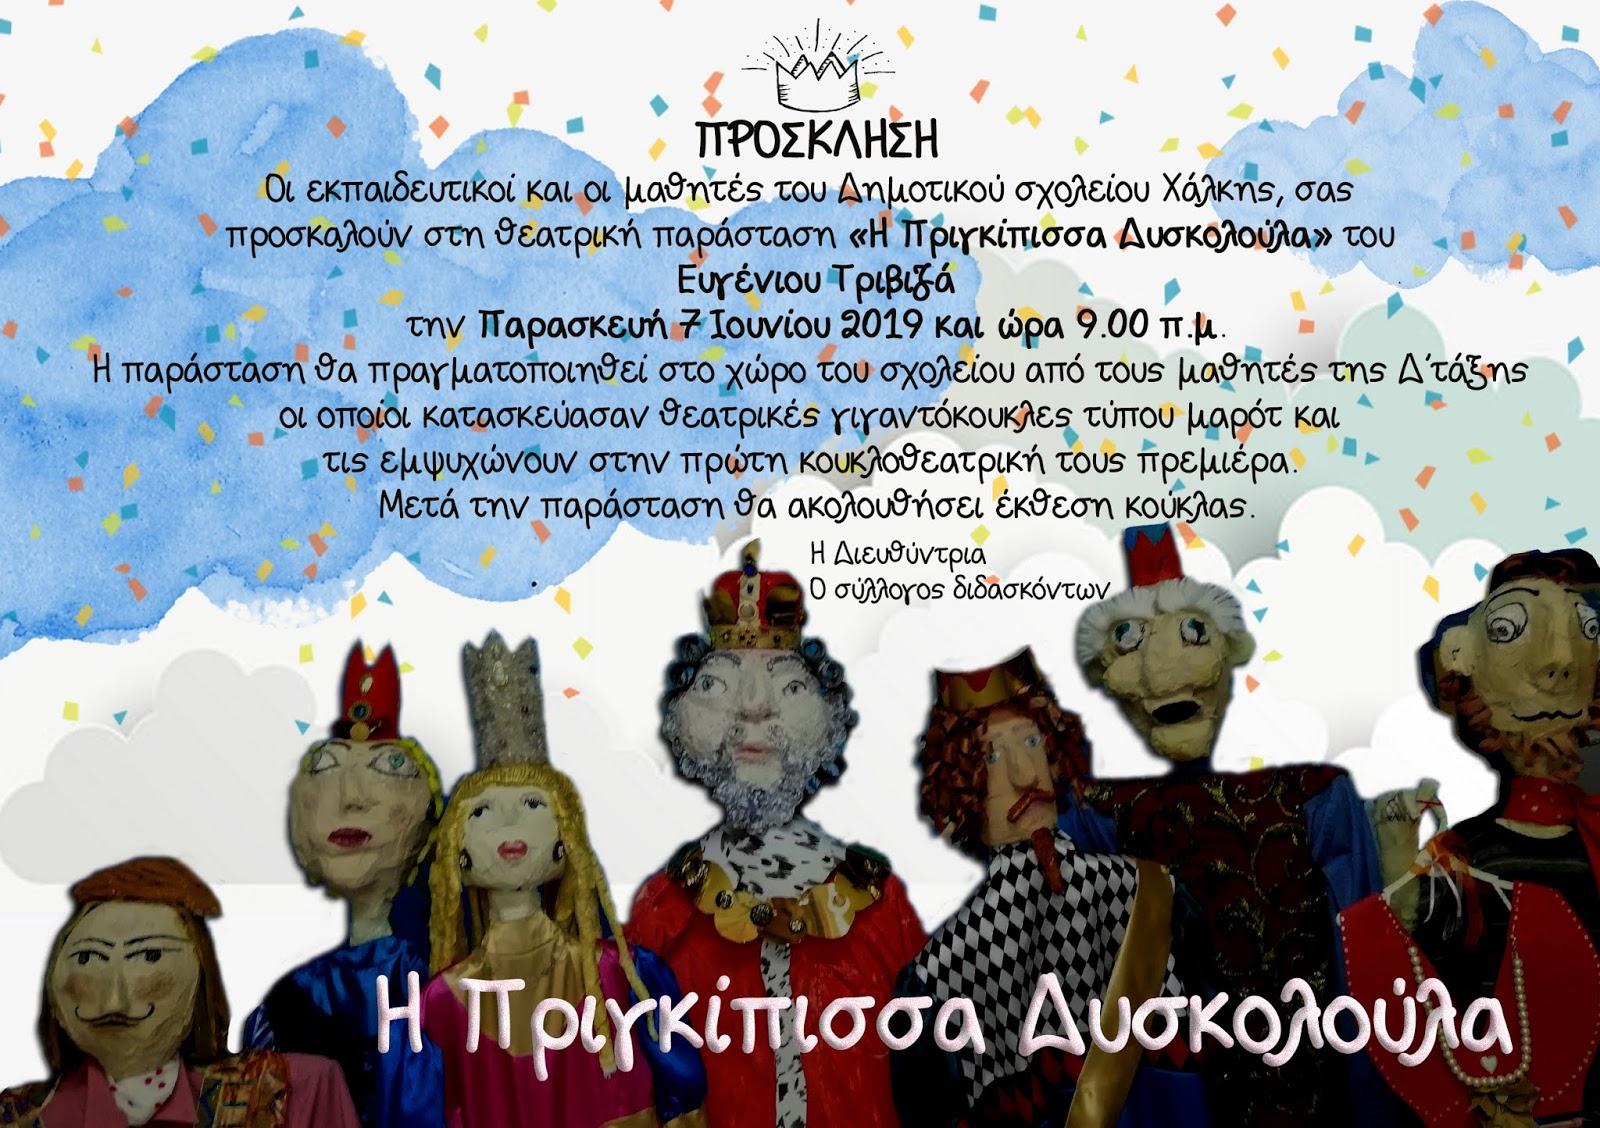 «Η πριγκίπισσα Δυσκολούλα» του Ευγένιου Τριβιζά από τον κουκλοθίασο του δημοτικού σχολείου Χάλκης